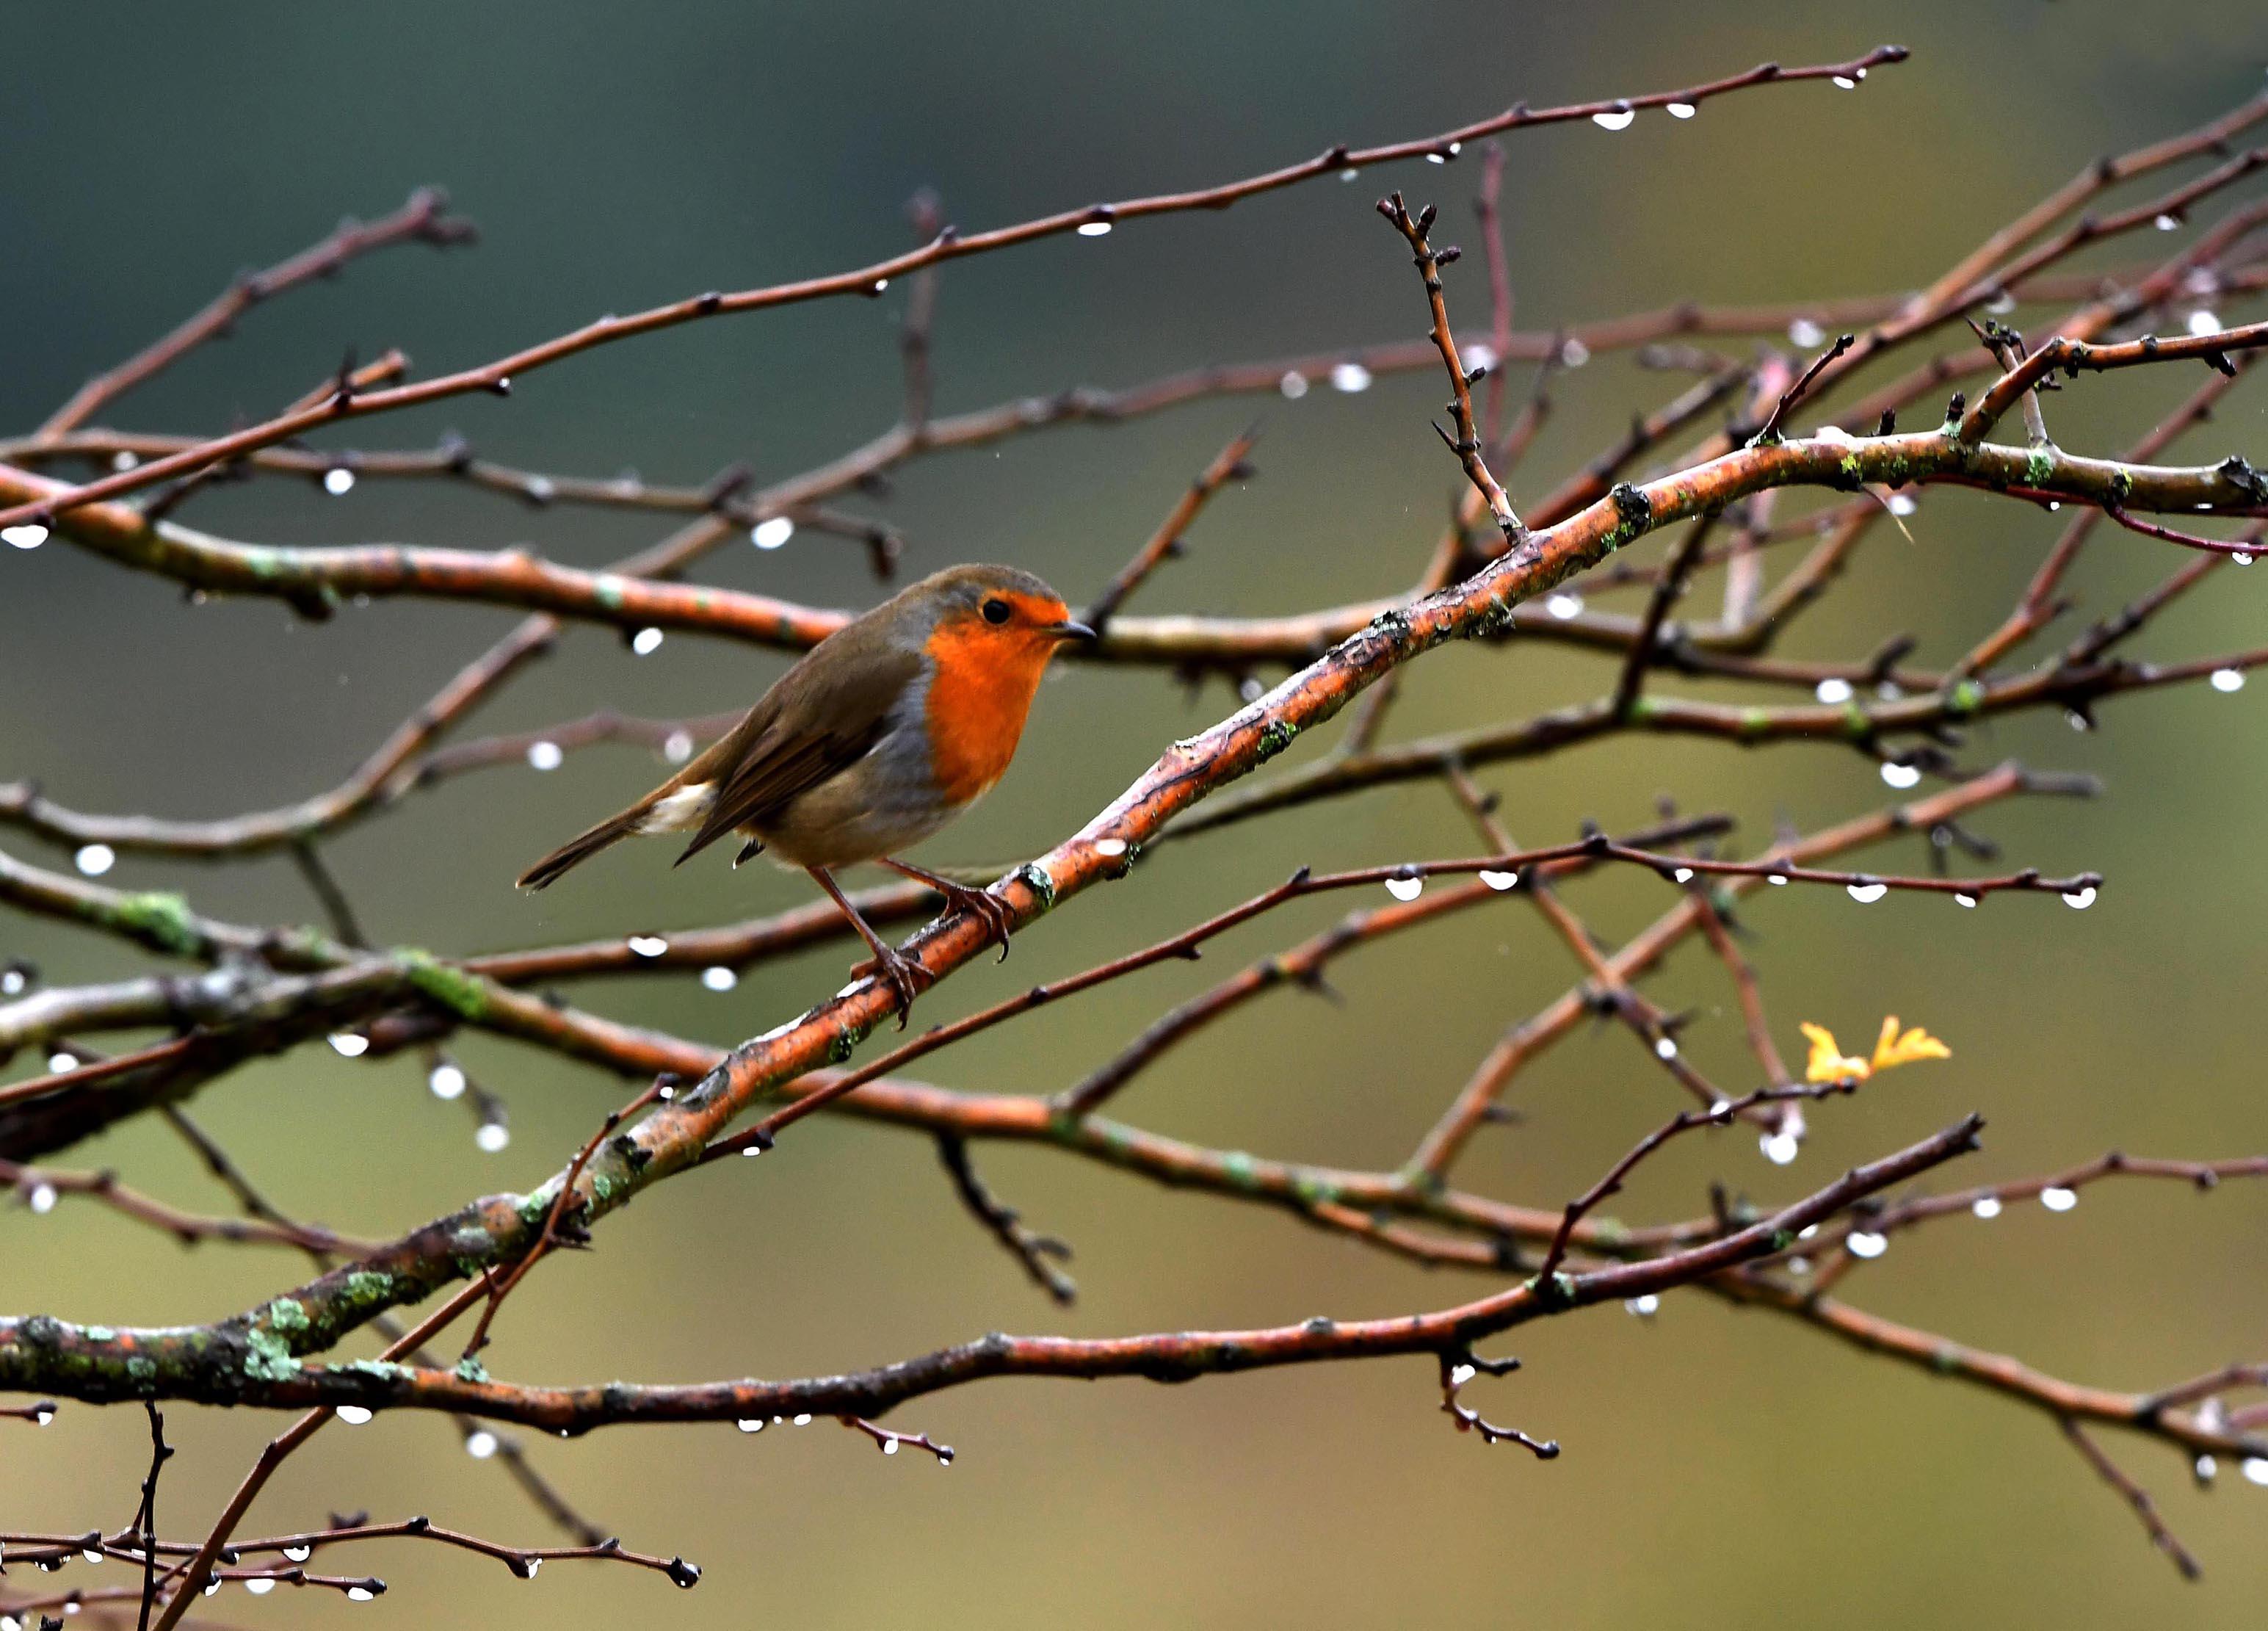 Het kleine vogeltje wordt omringd met pareltjes op de berketakken – Foto: ©Louis Fraanje